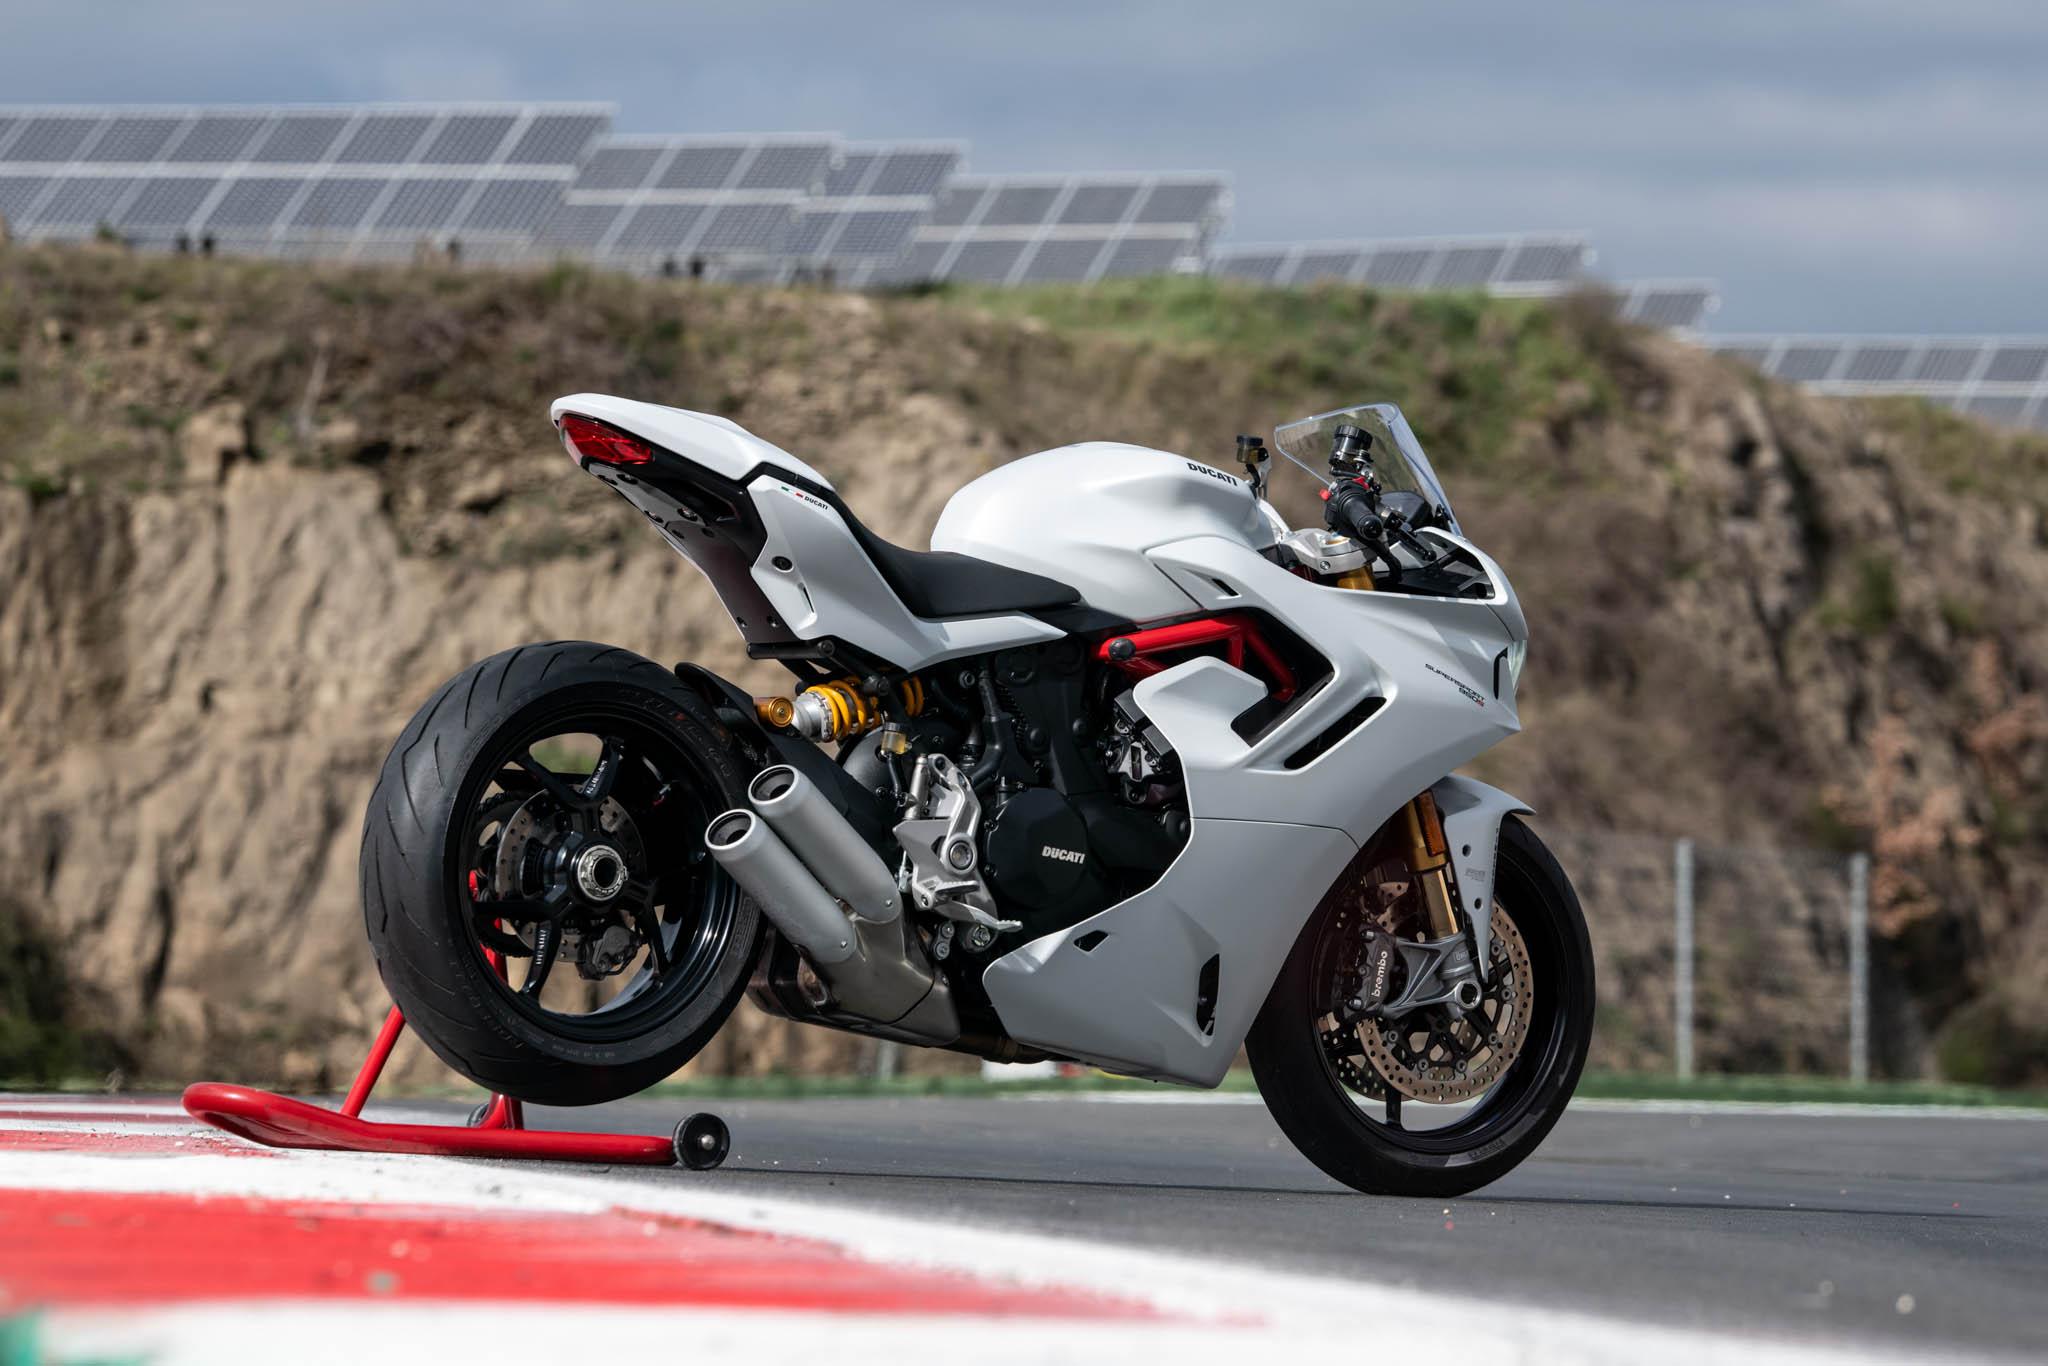 Ducati_SuperSport_950_2021_details-17